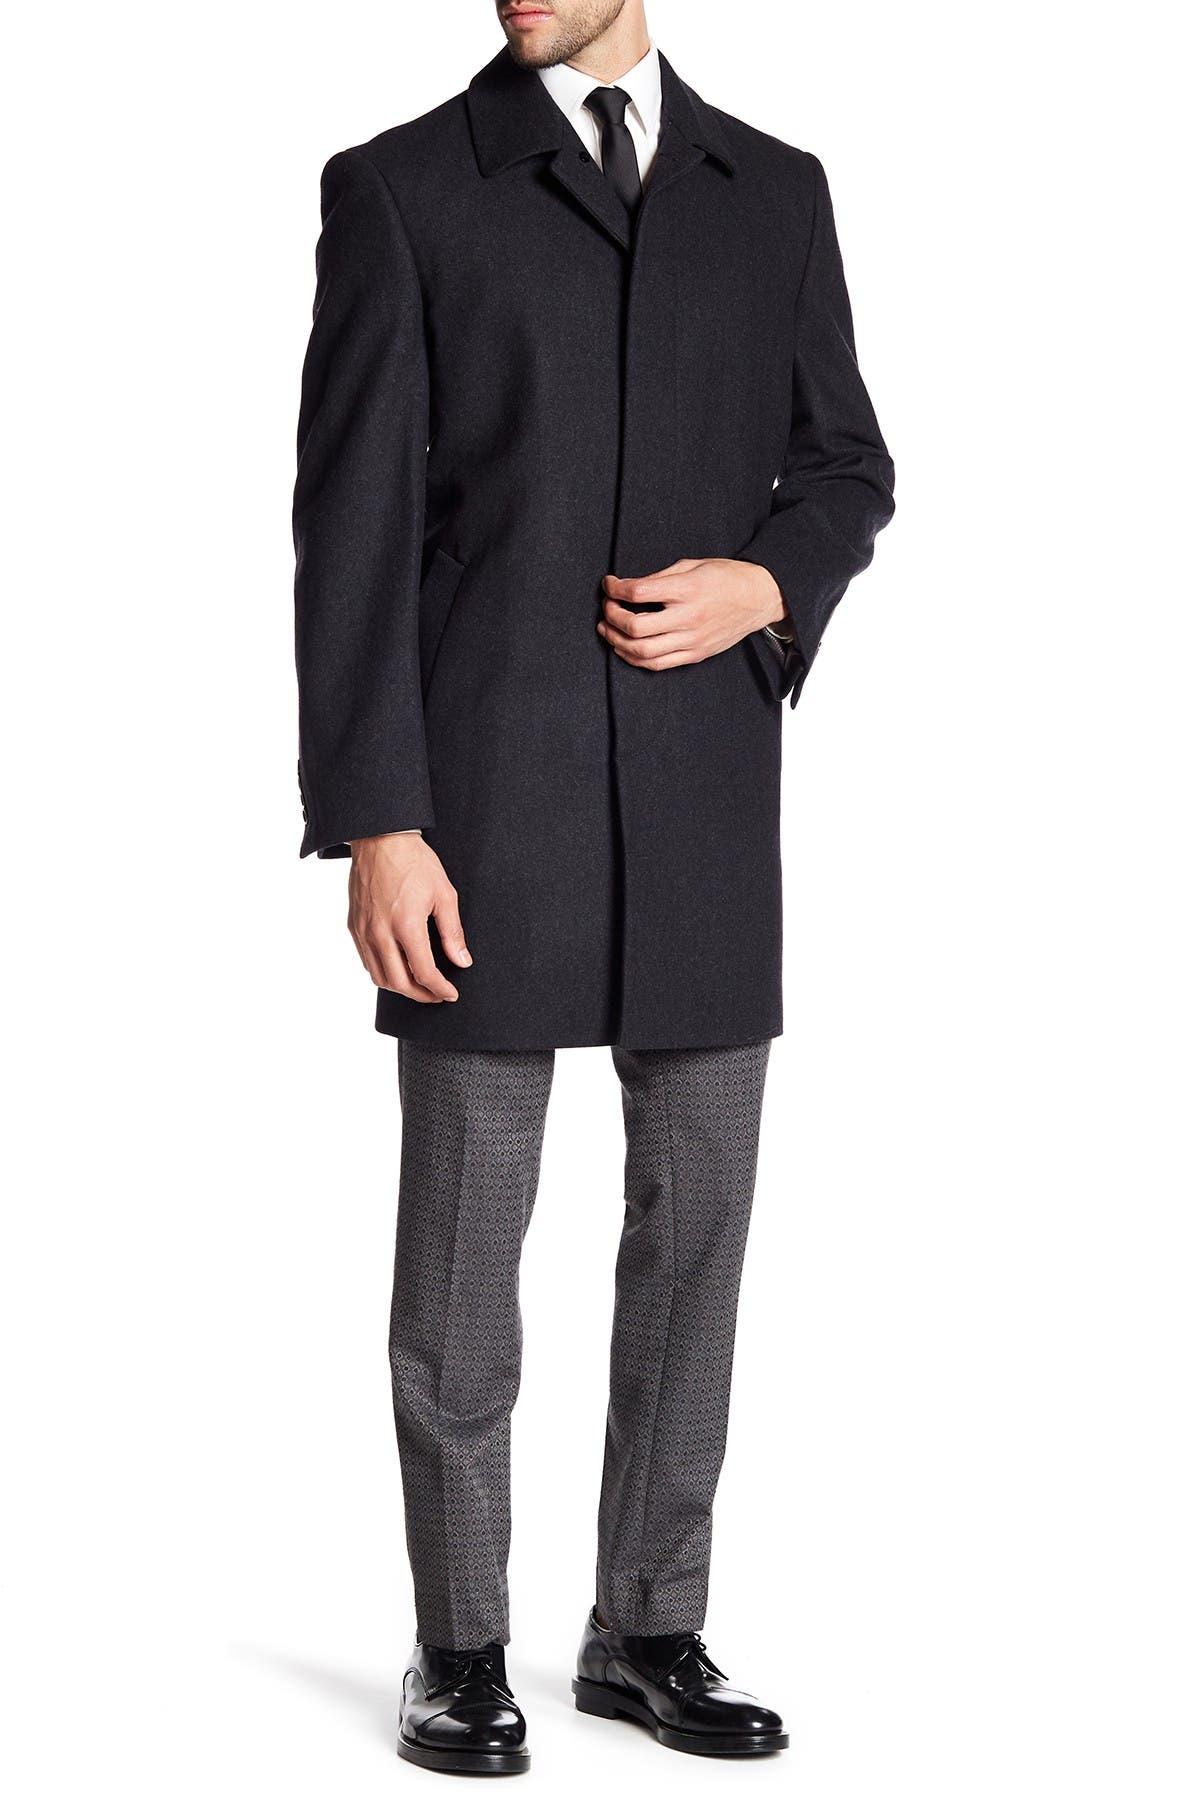 Image of Hart Schaffner Marx Wool Blend Topper Overcoat